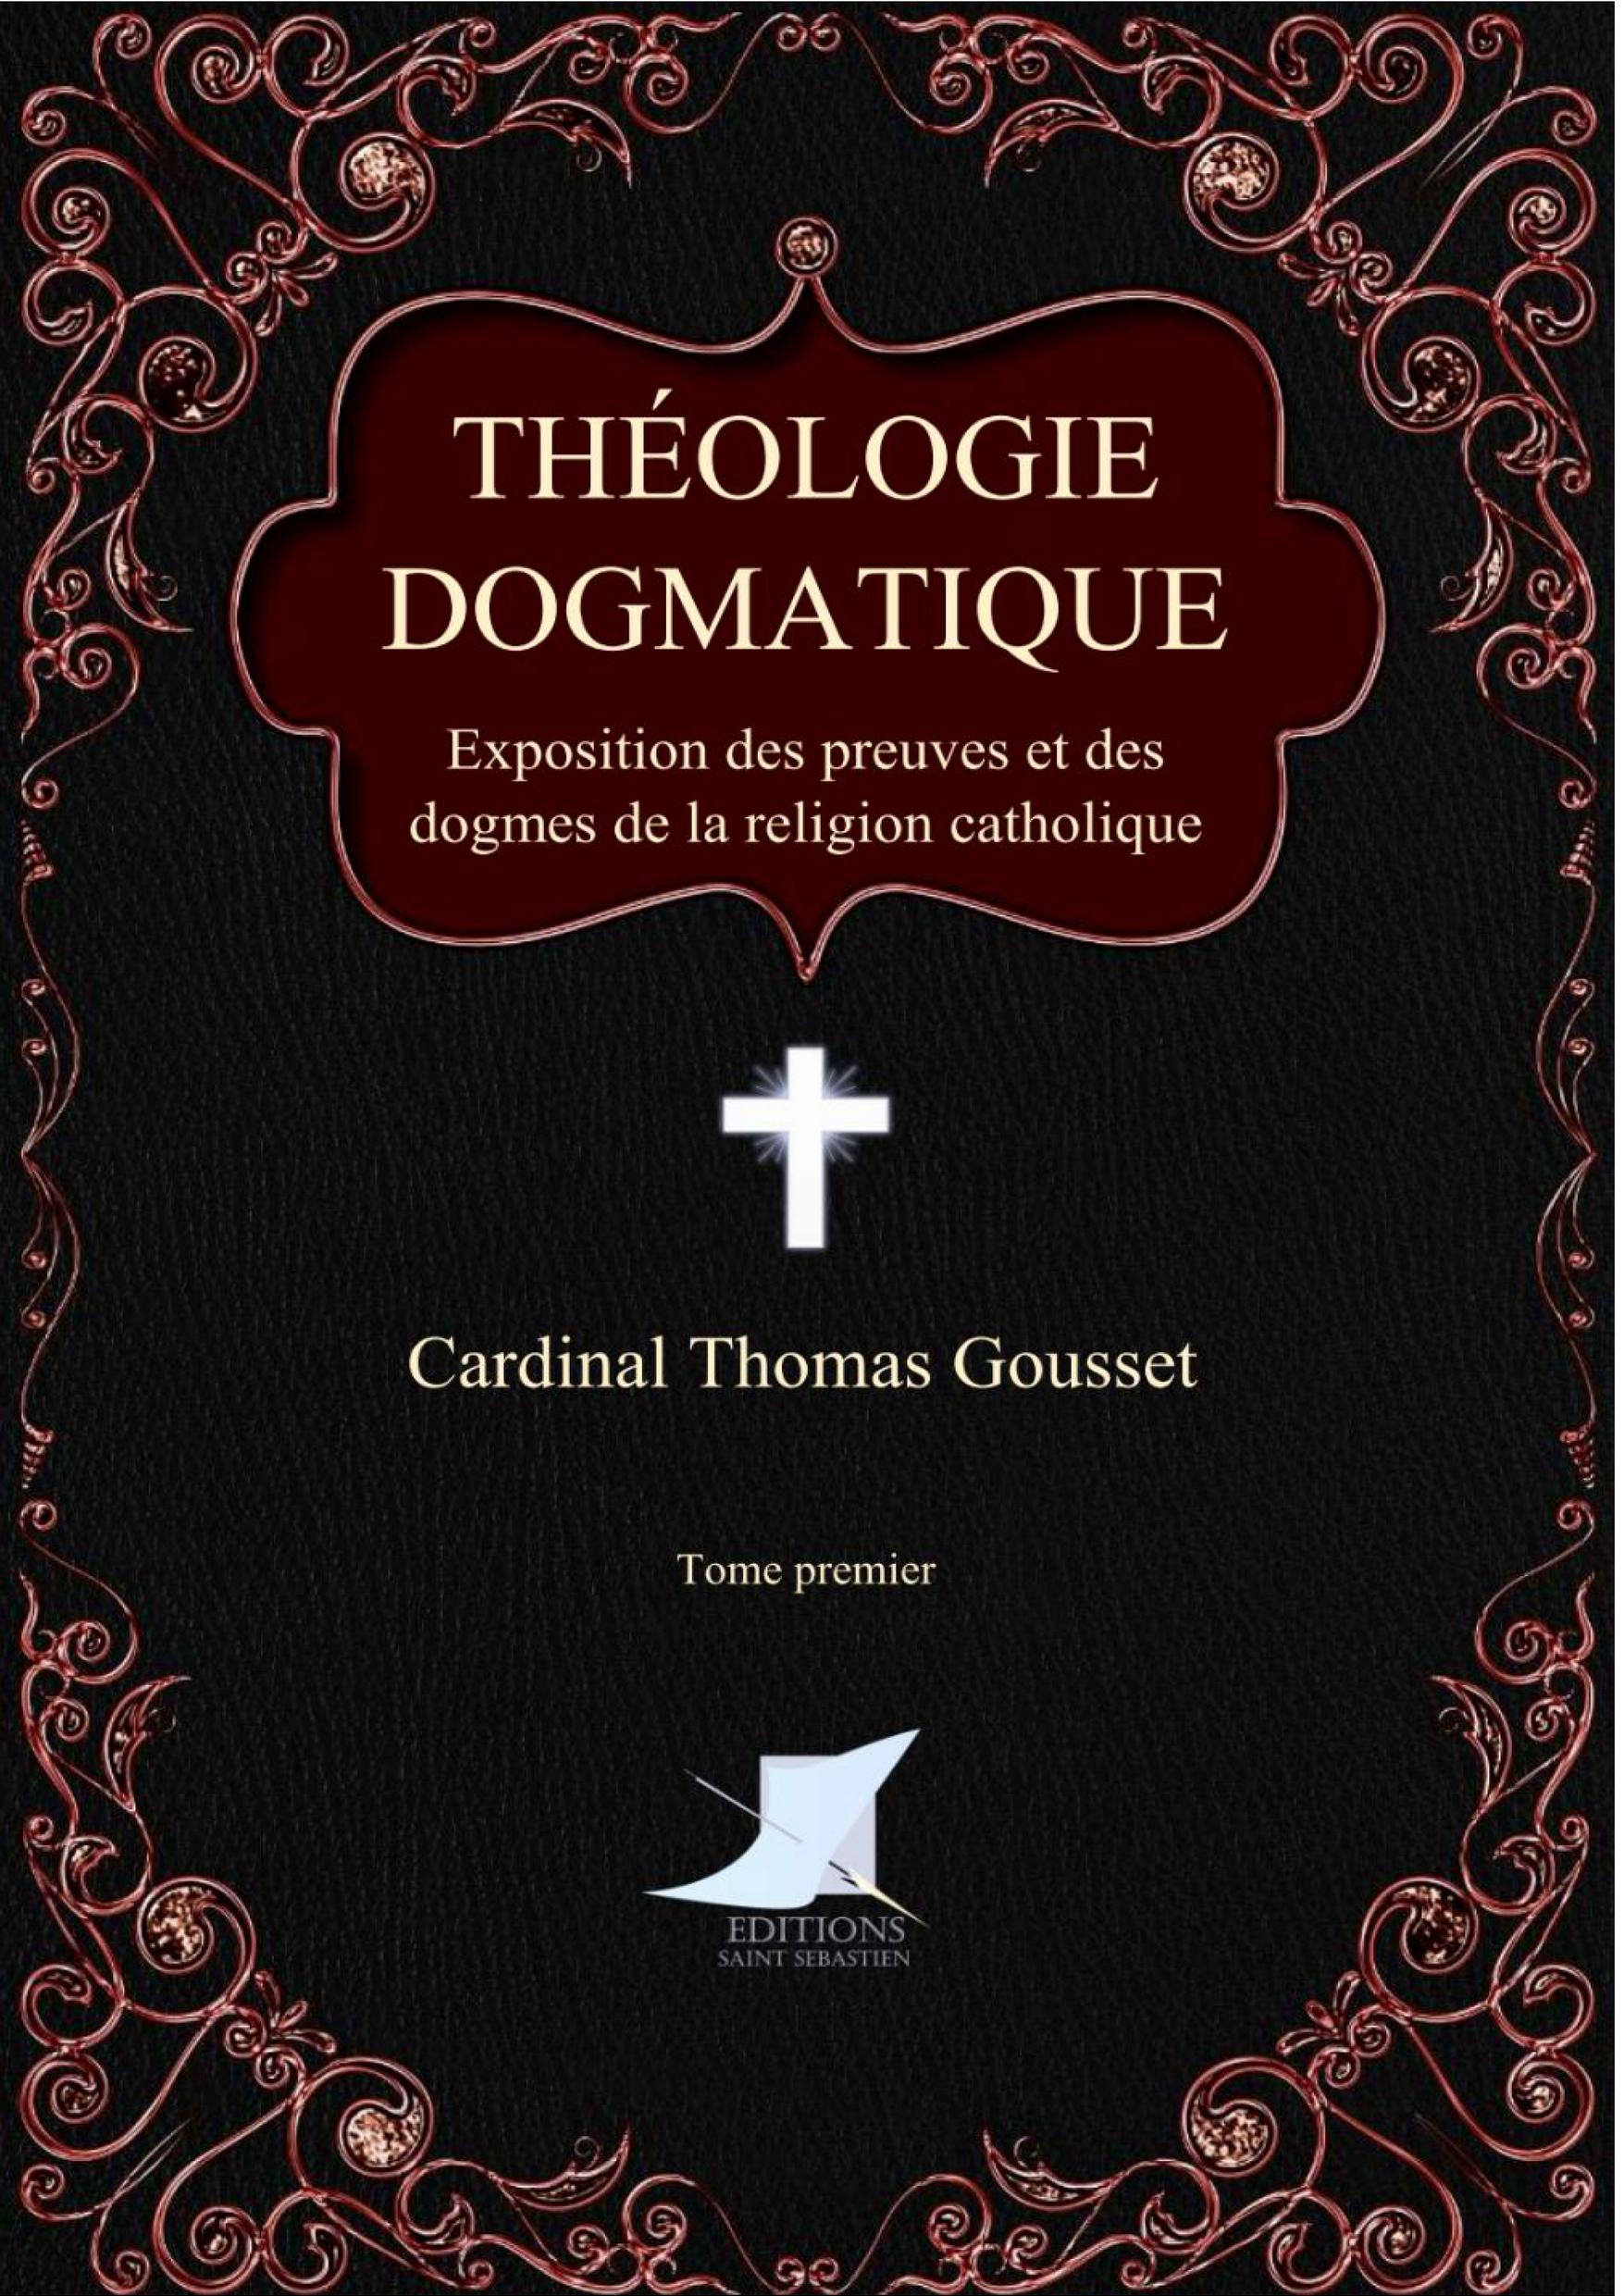 Théologie dogmatique (Tome premier)